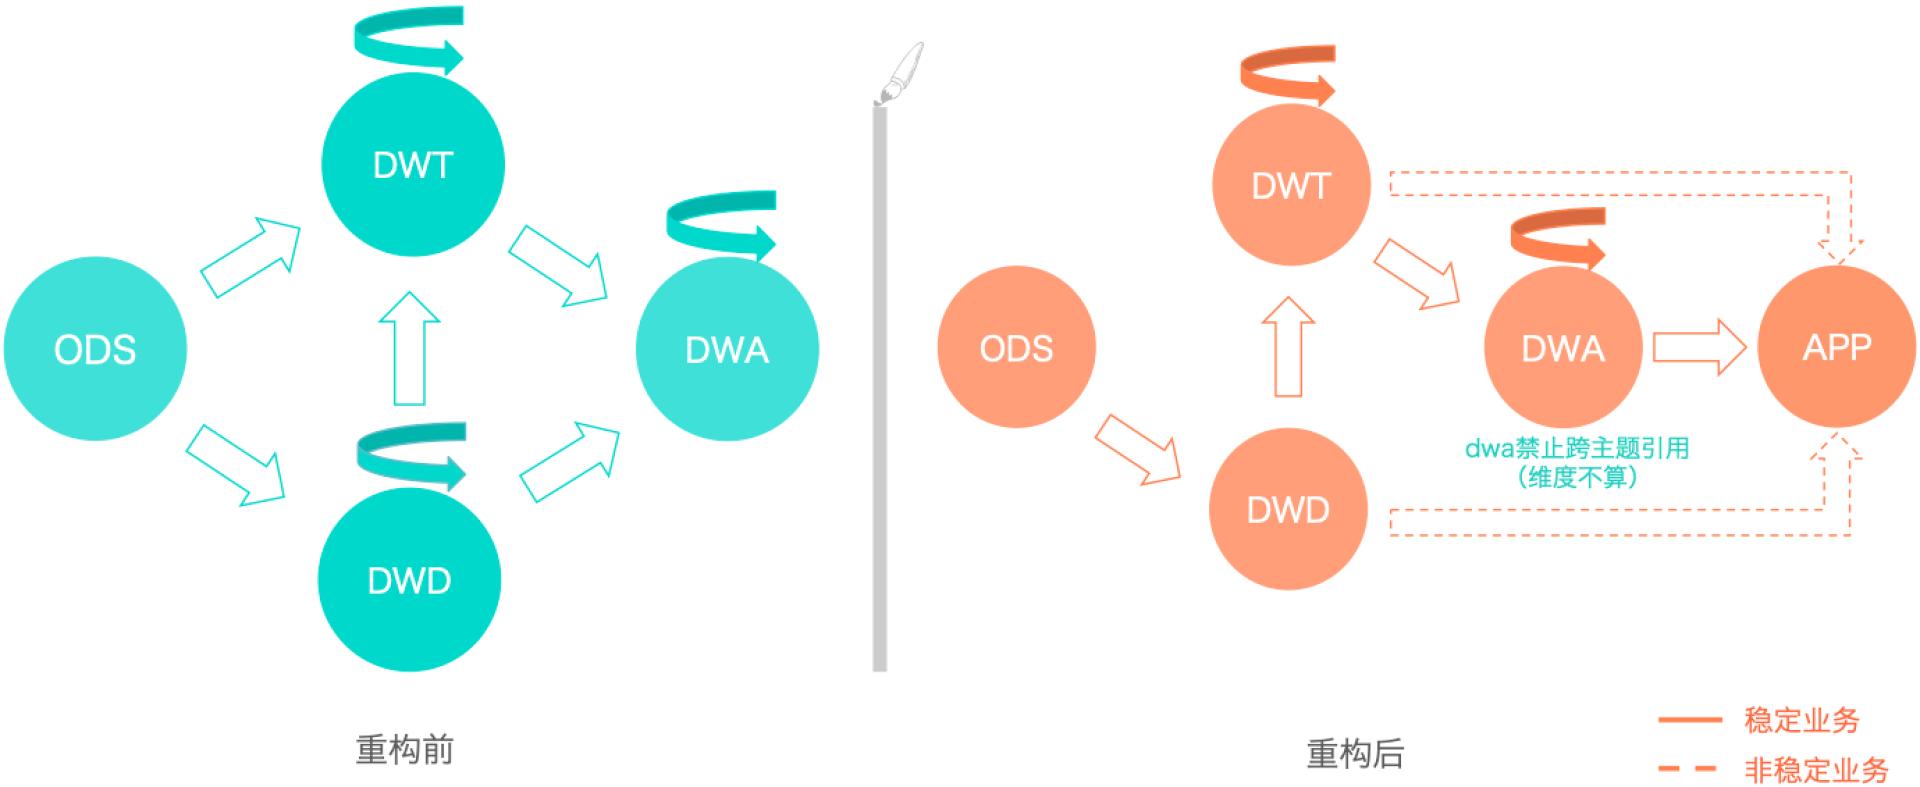 图5 重构前和重构后的数据流向图